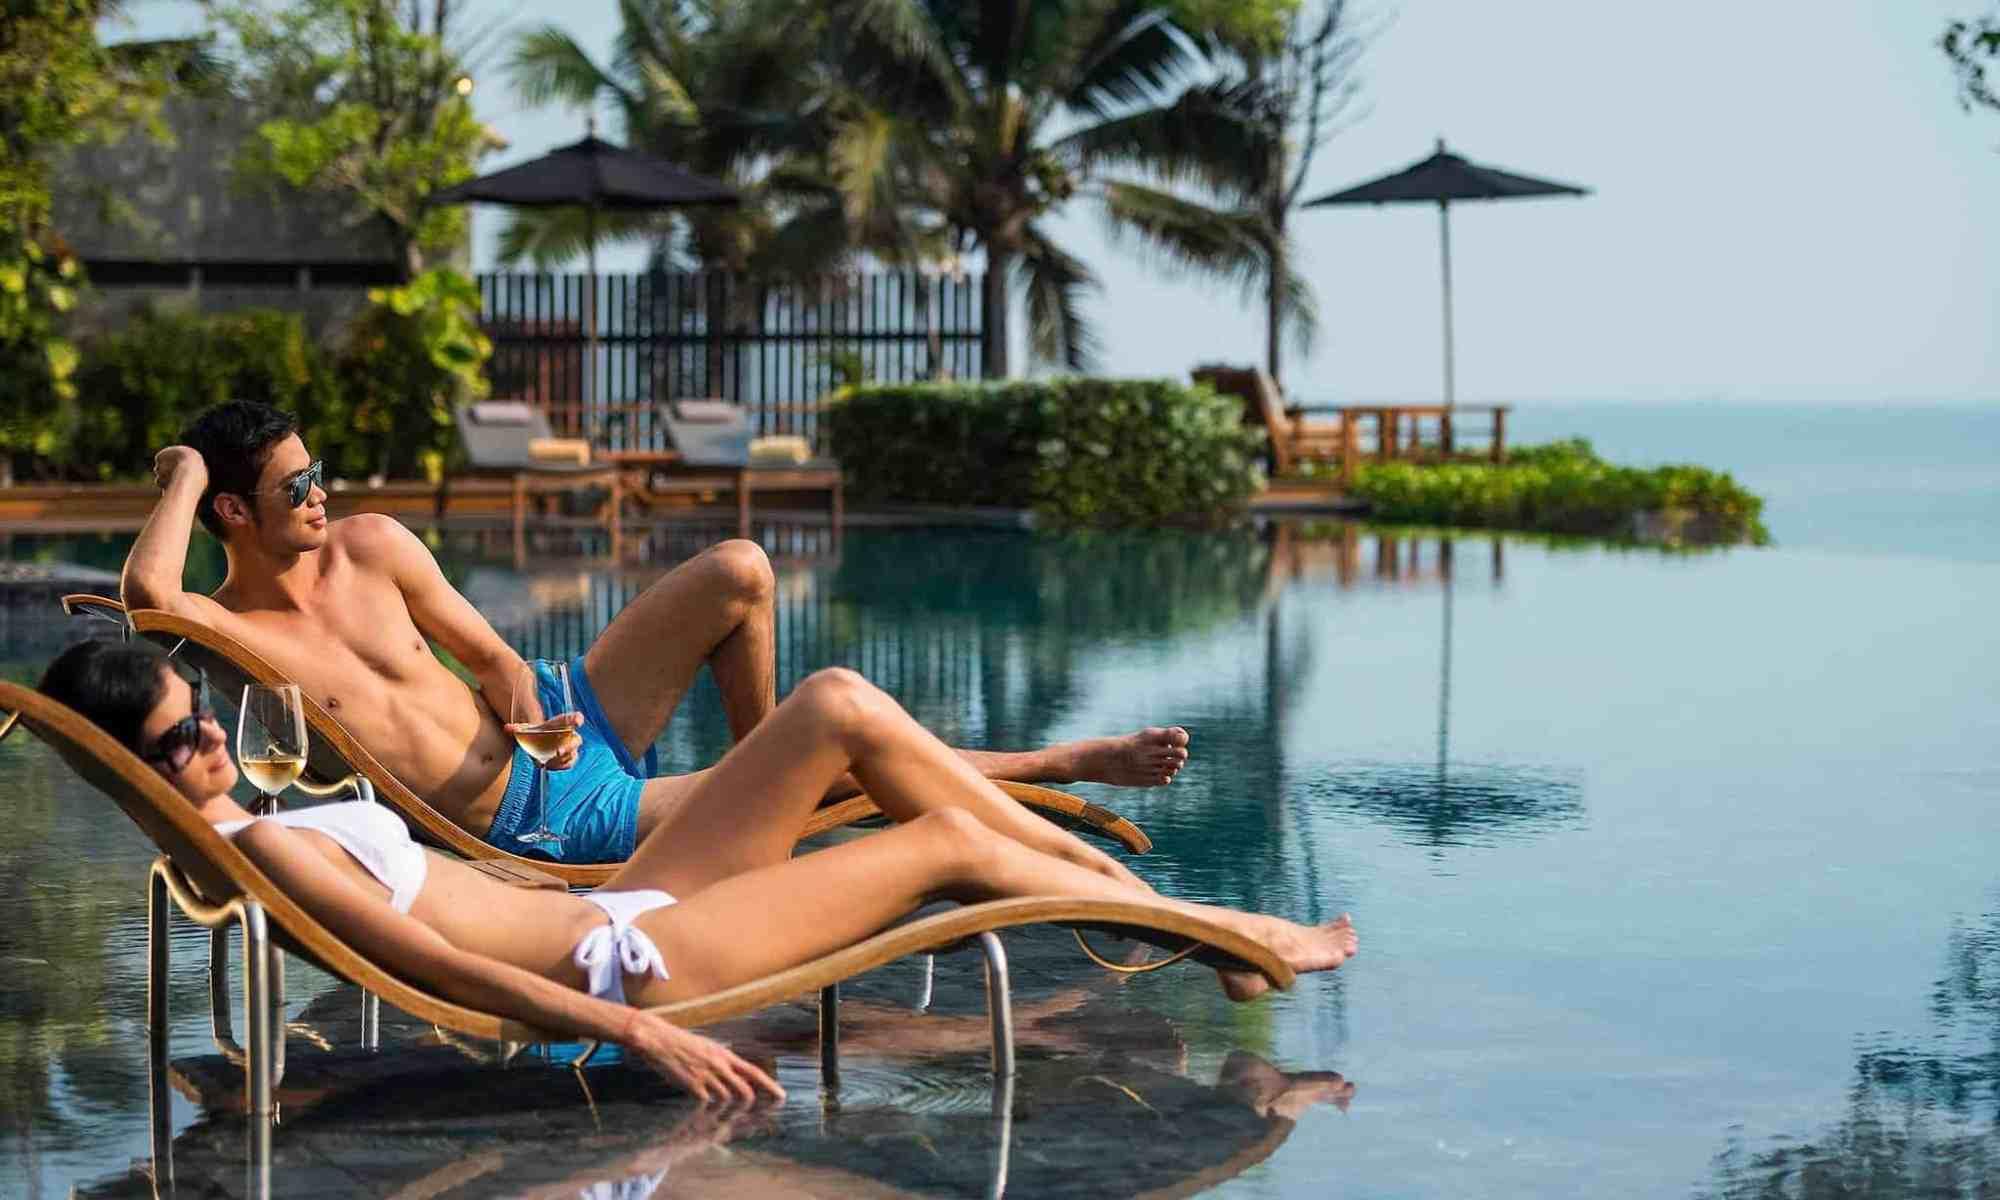 image-of-v-villas-hotel-in-hua-hin-thailand